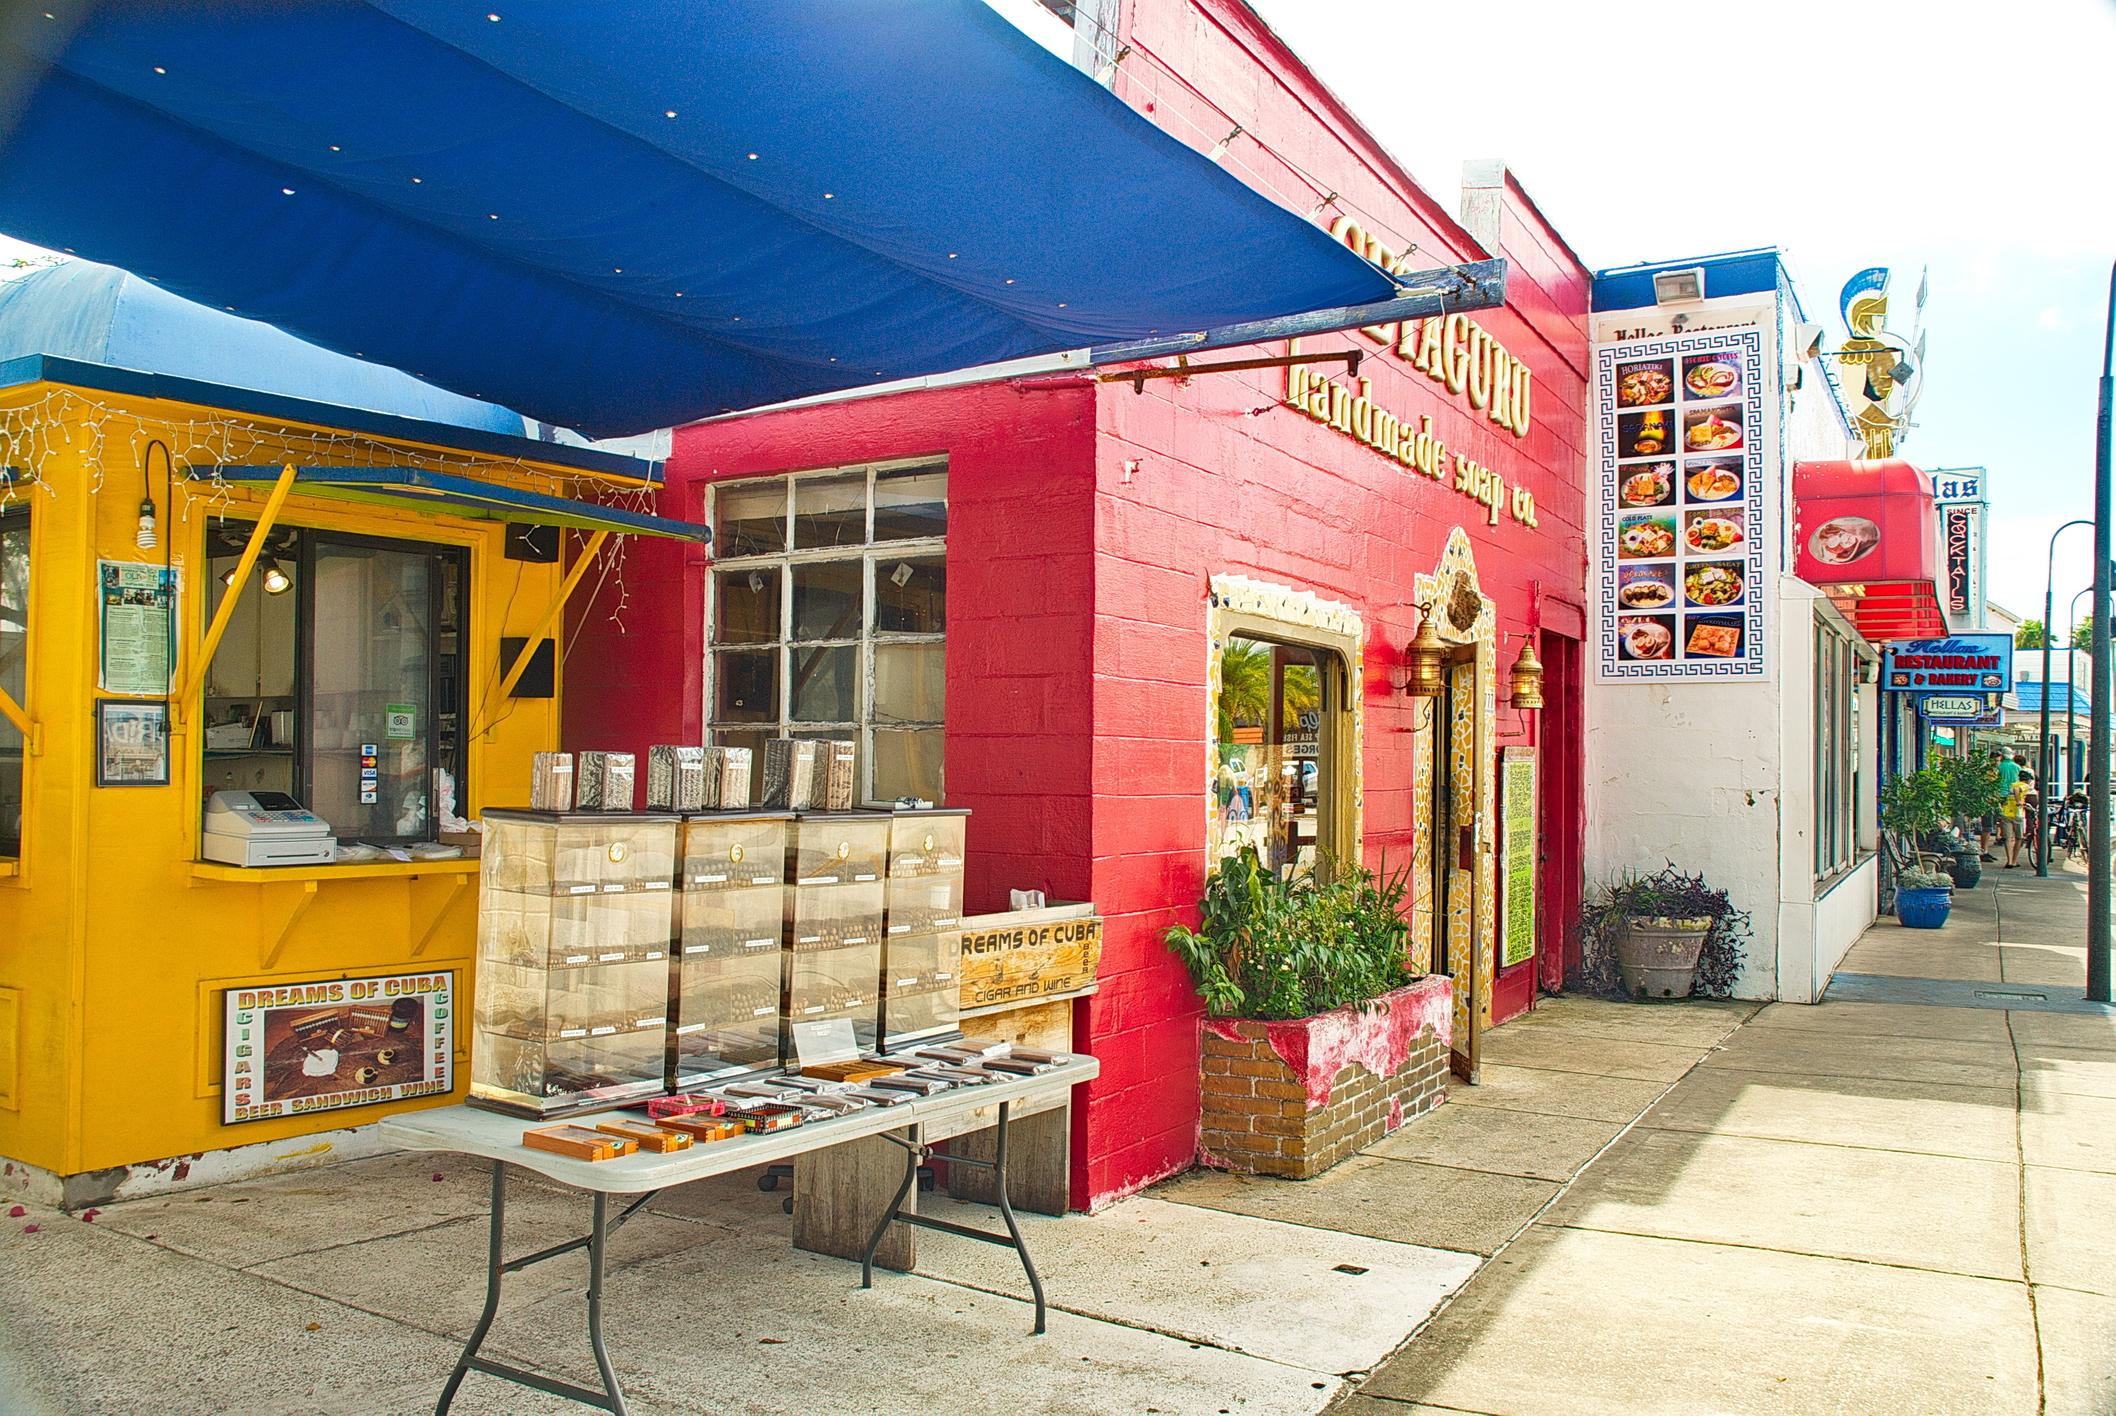 Shops at the sponge docks.  Julie Salesberry/Dreamstime.com